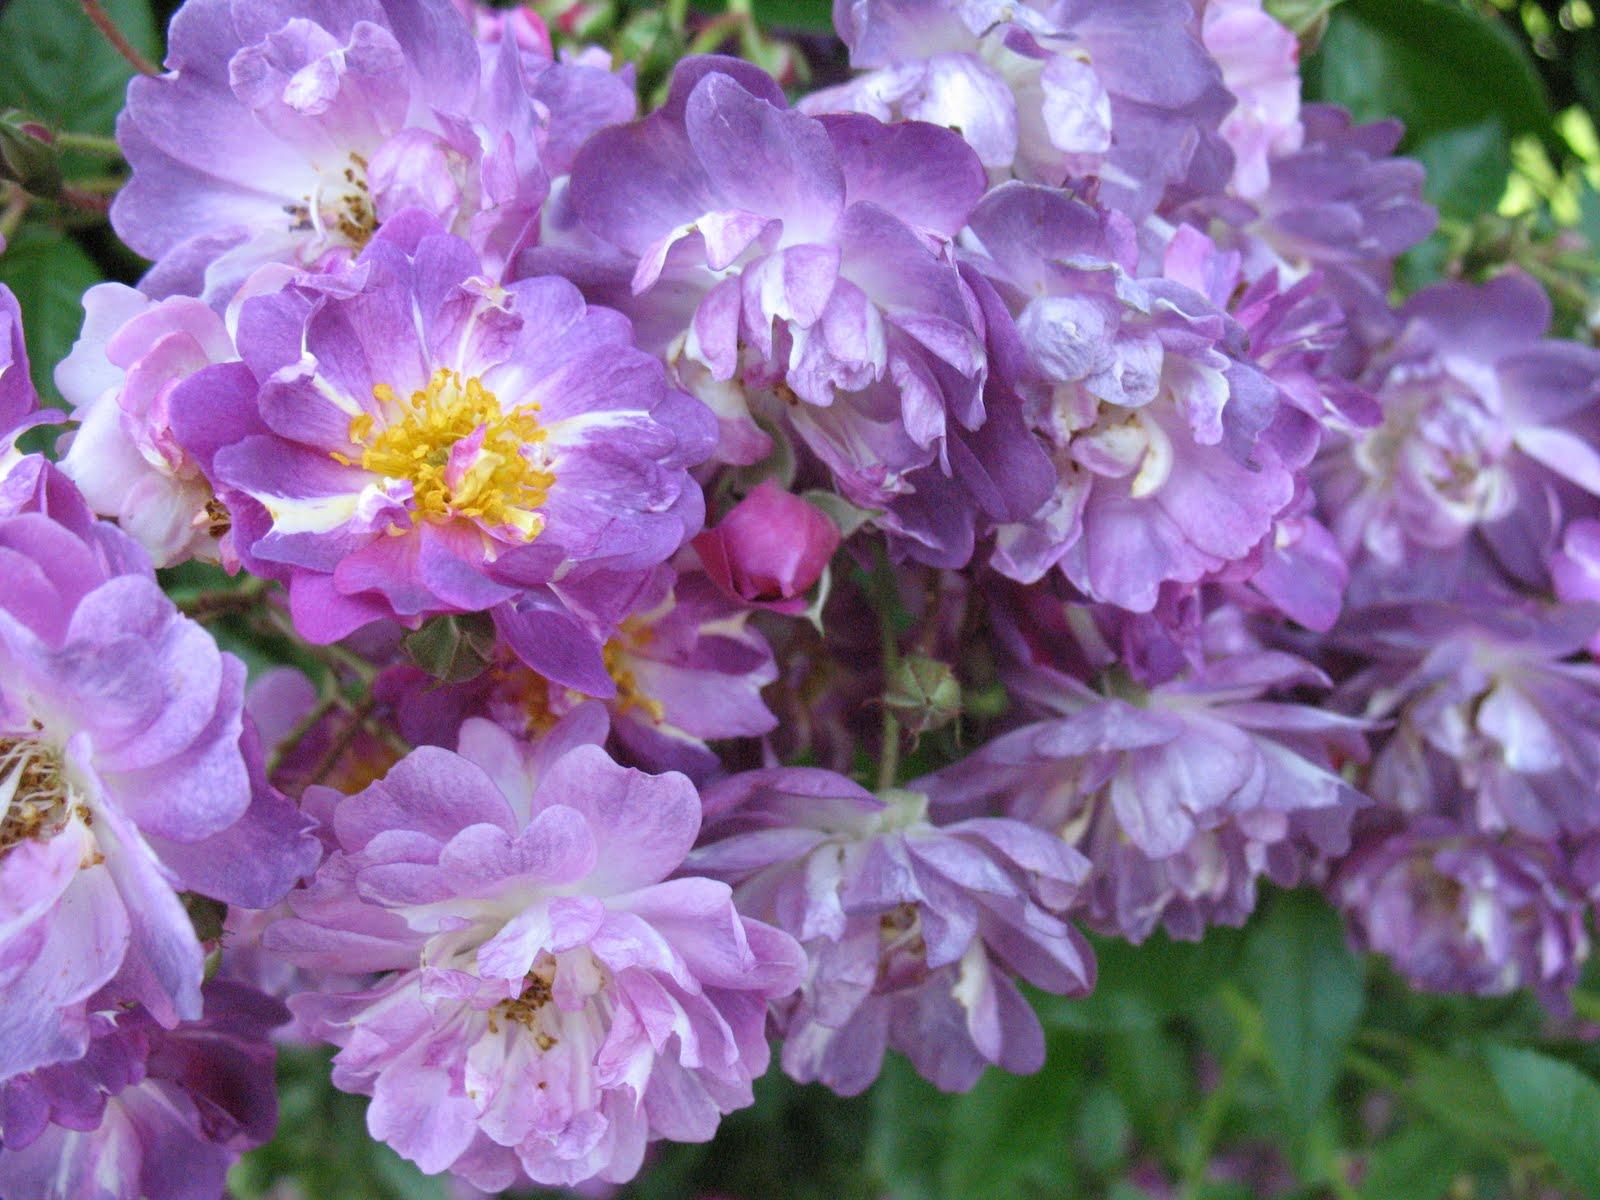 Roses du jardin ch neland rosier veilchenblau - Taille des rosiers apres floraison ...